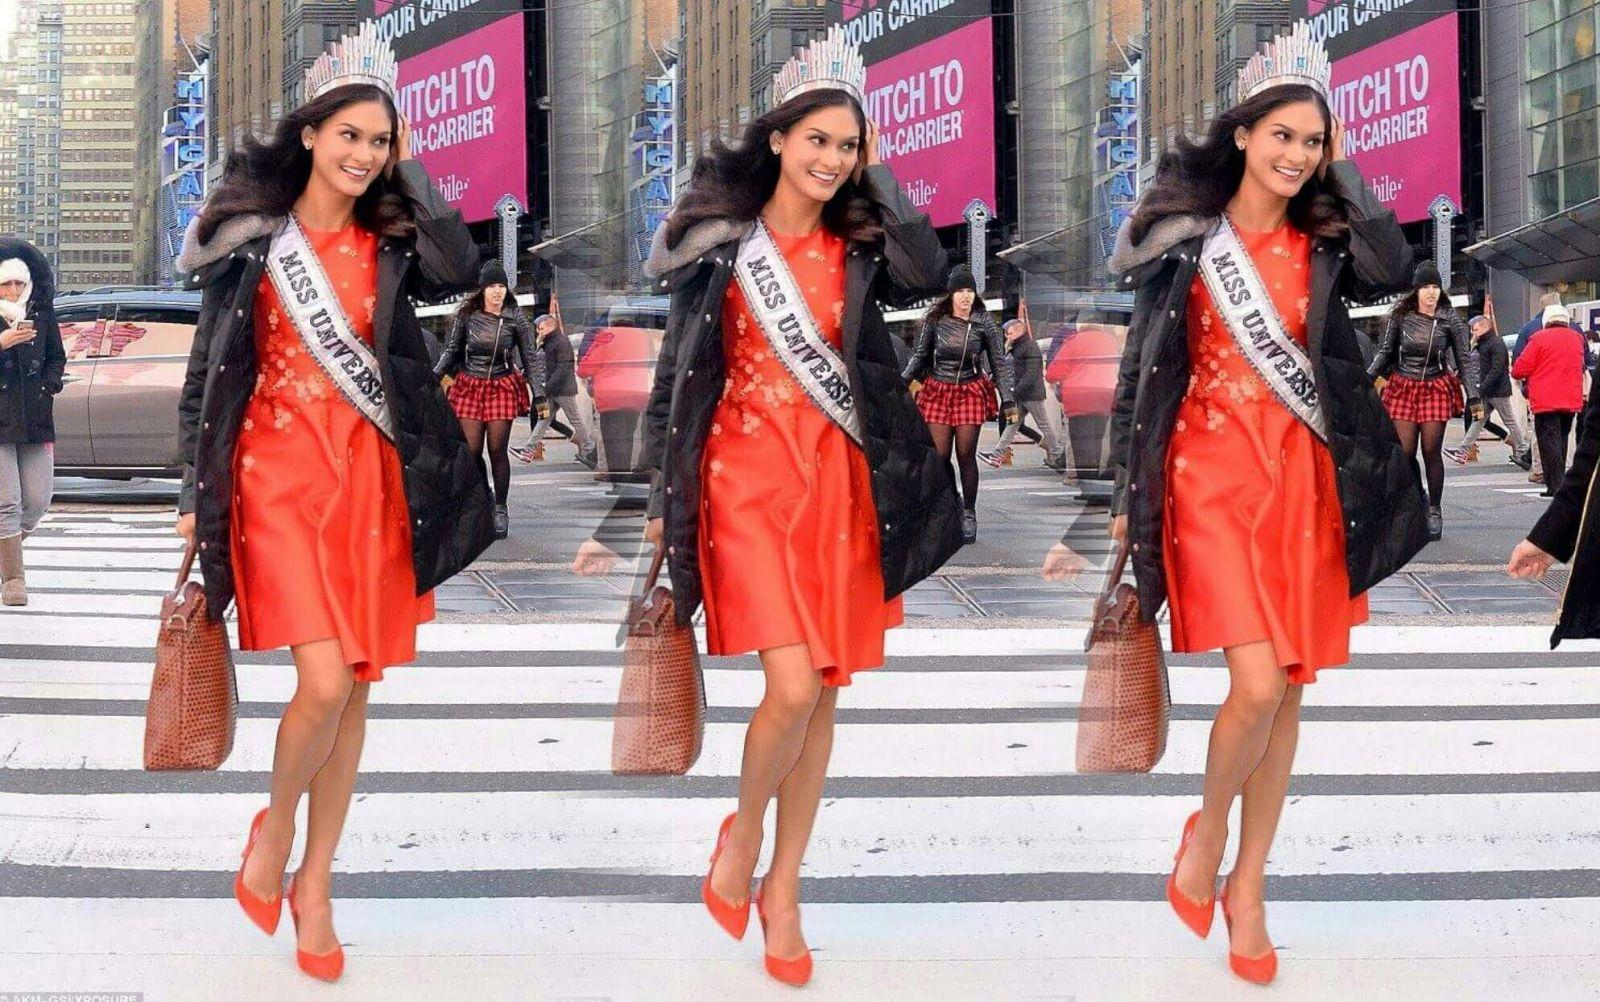 Королева на улице: Мисс Вселенная 2015 Пиа Вуртсбах прогулялась по Нью-Йорку